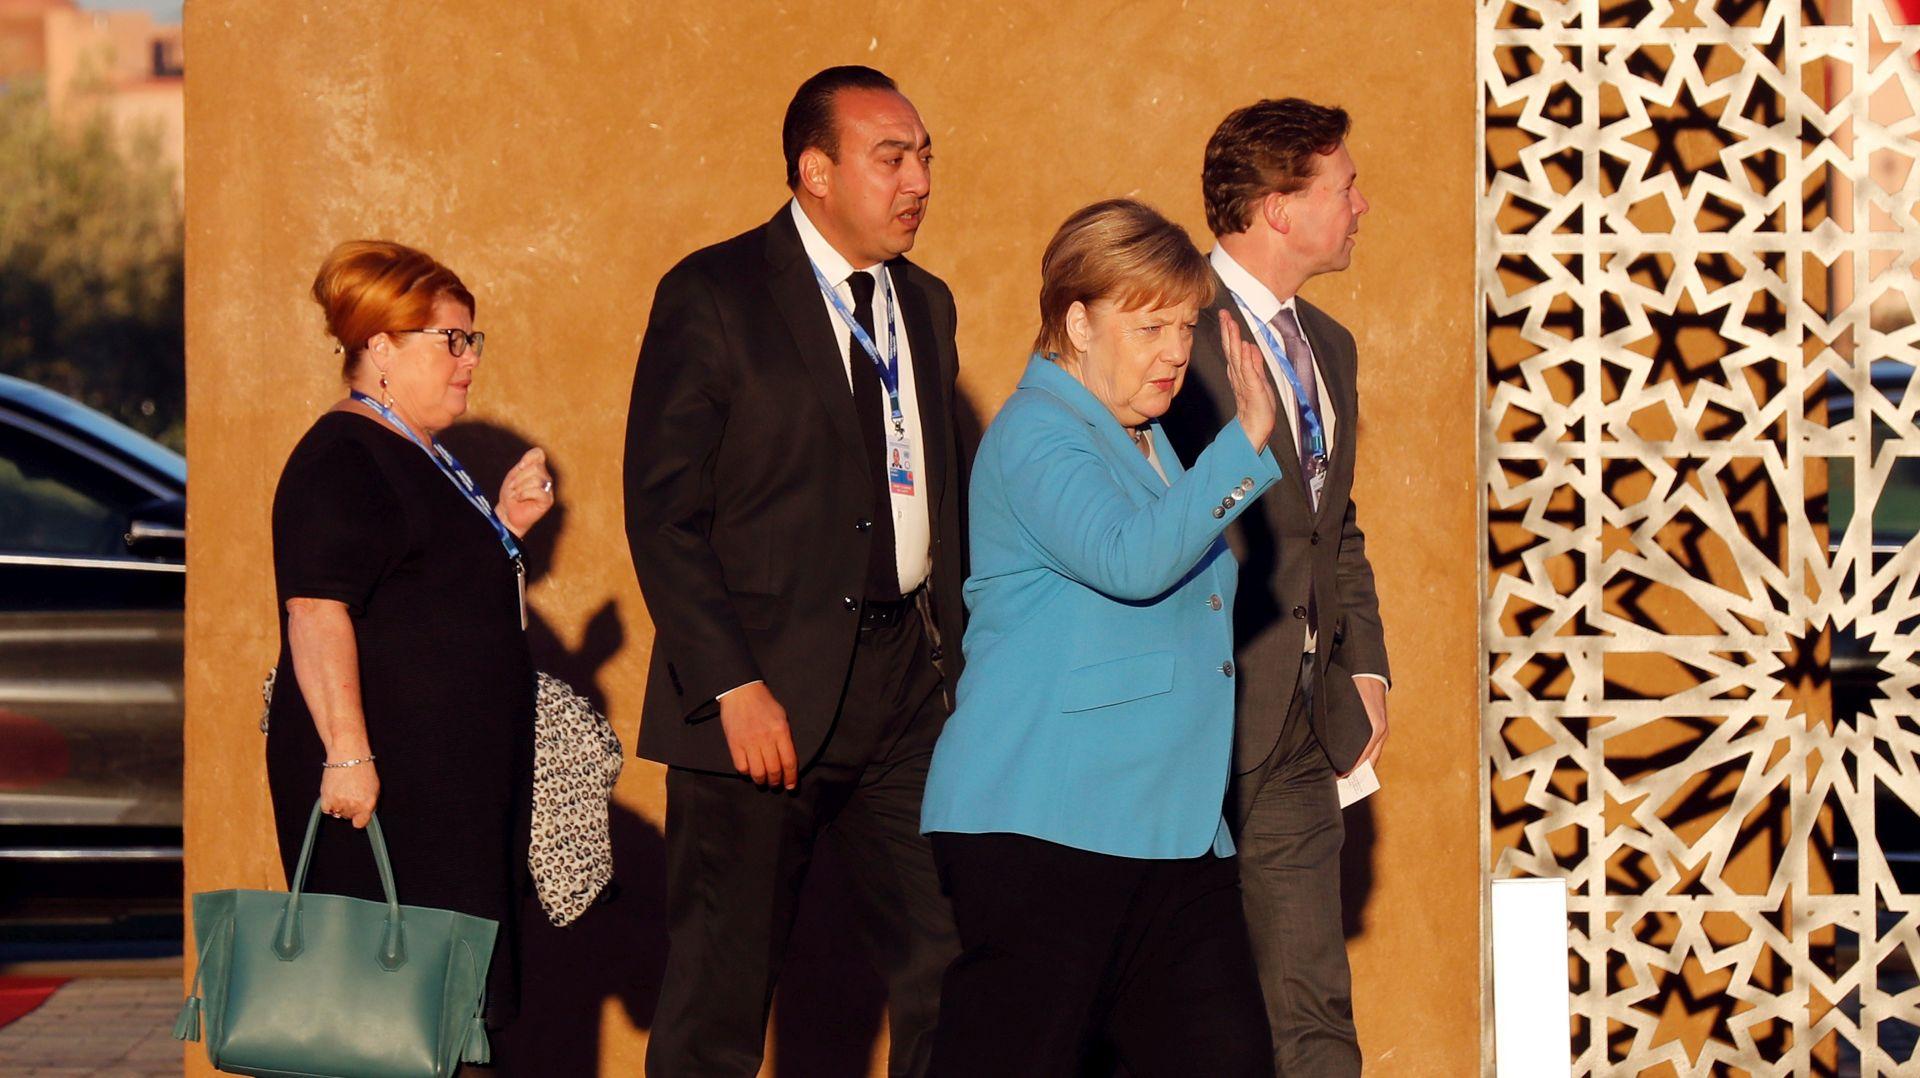 Usvojen marakeški pakt o globalnoj migraciji